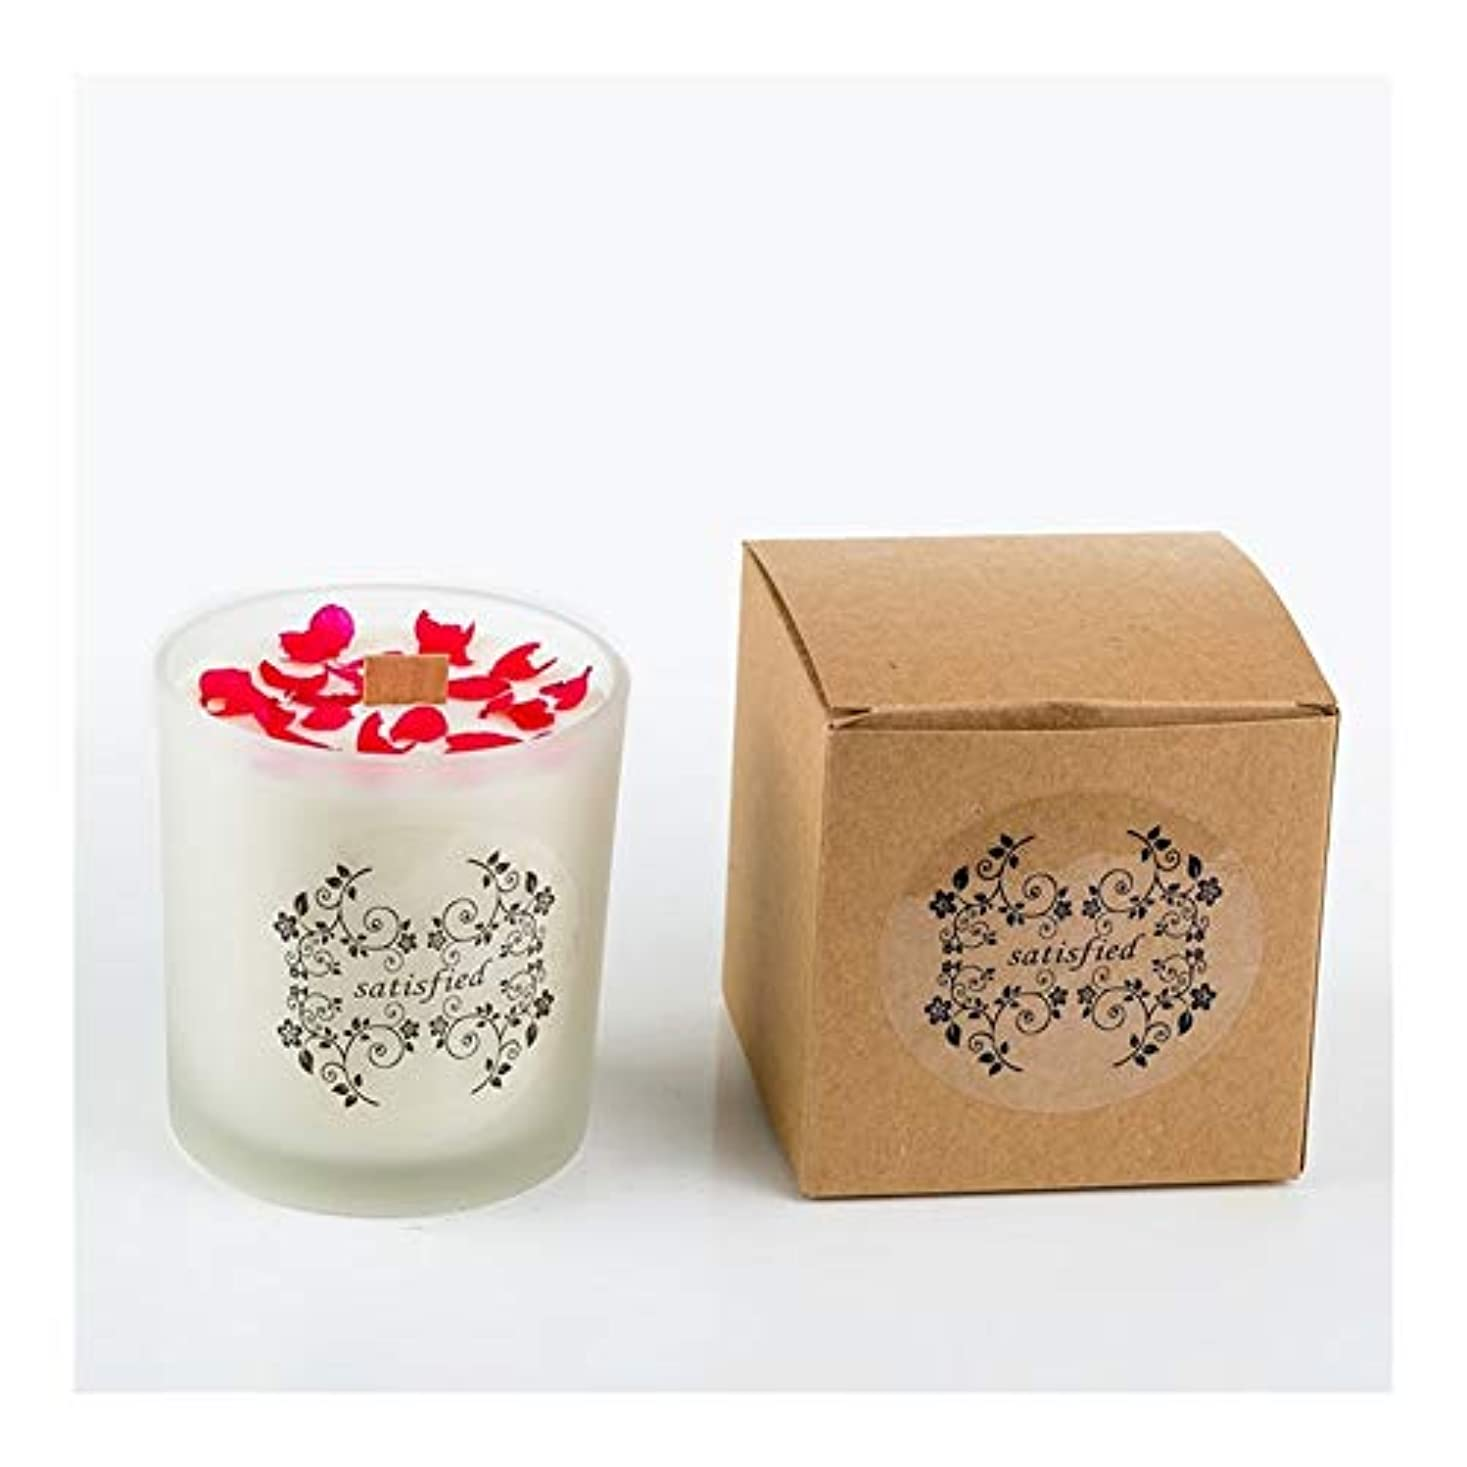 マッサージ裁量戦争ACAO ロマンチックな香りのキャンドルエッセンシャルオイル大豆ワックスガラスアロマセラピーロマンチックな誕生日ギフトの提案無煙の香り (色 : Xiang Xuelan)